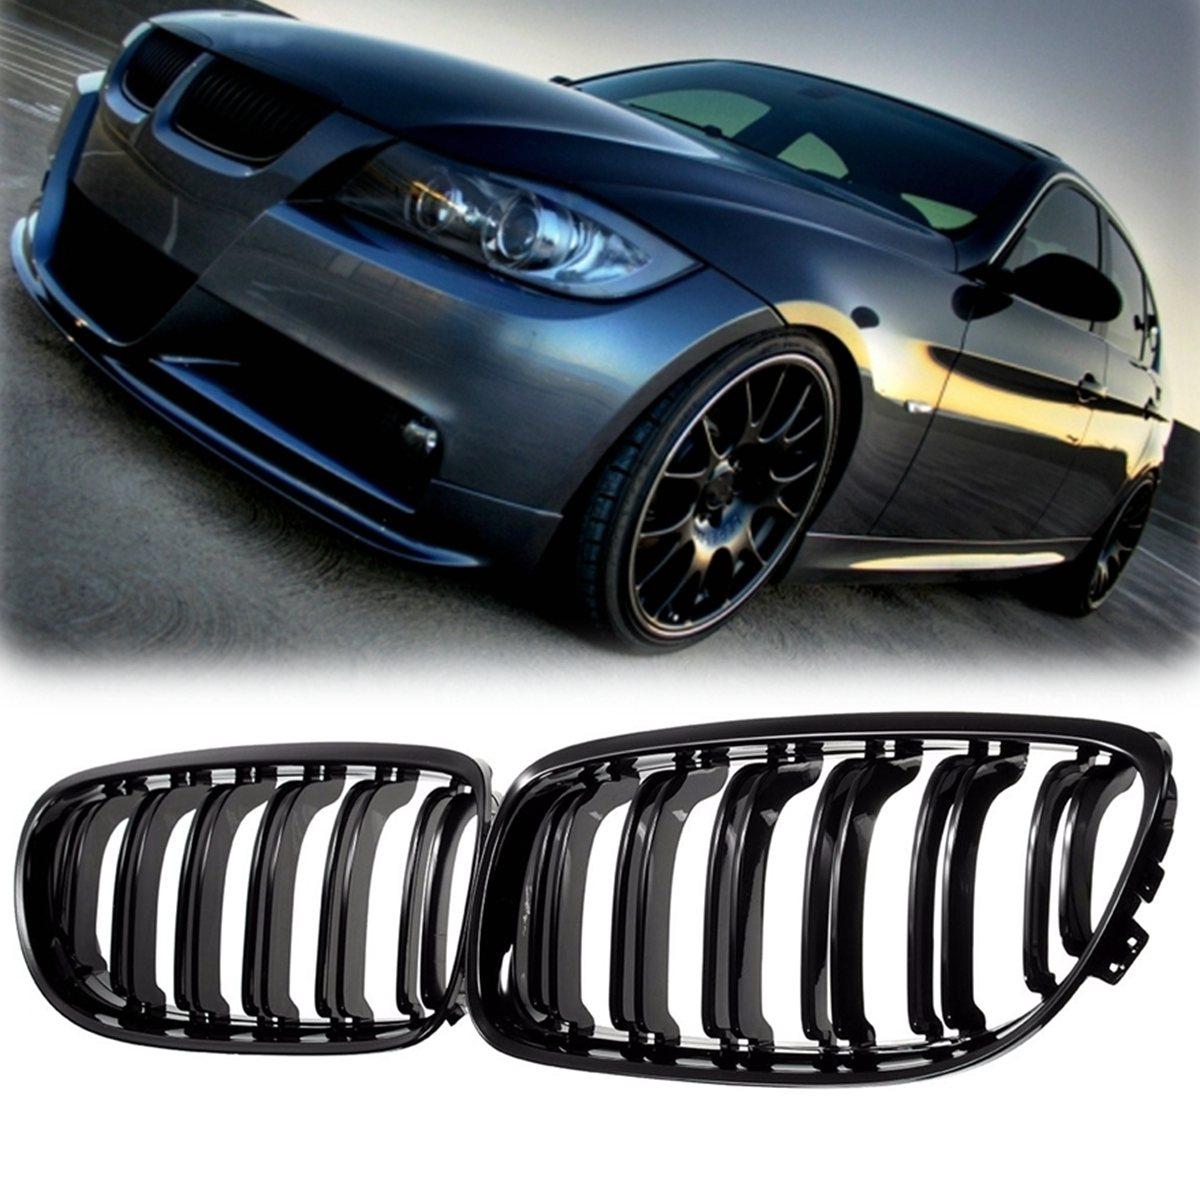 Para matowy/czarny błyszczący samochód przednia maskownica do bmw E90 LCI 3-Series Sedan/Wagon 09-11 Racing grille